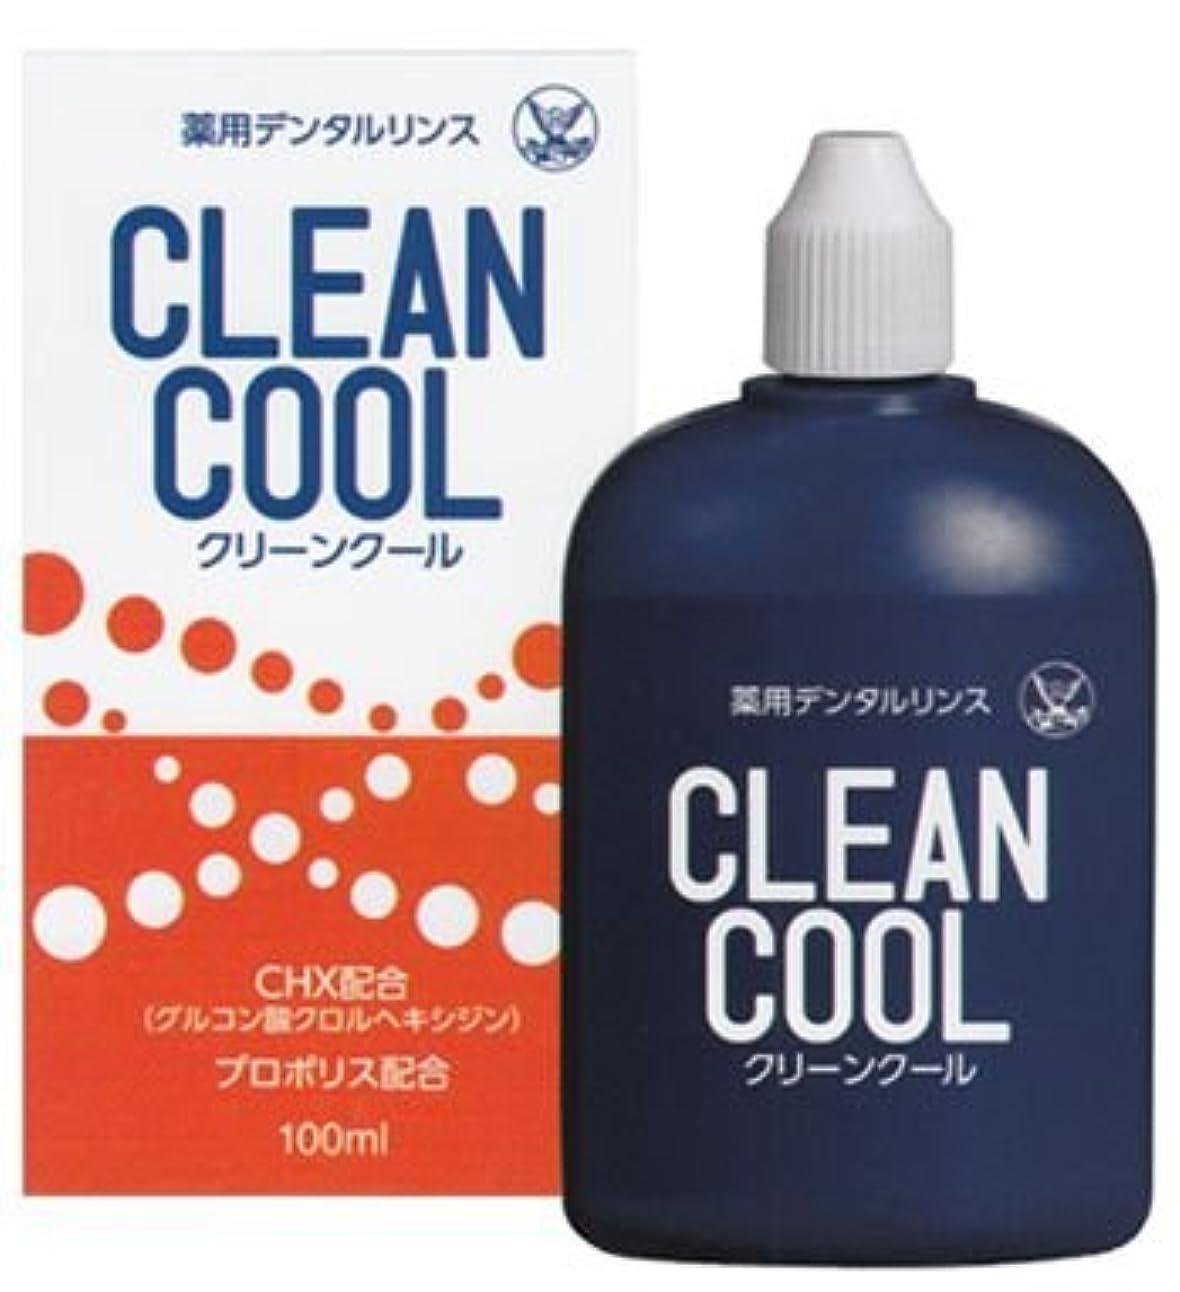 そう保存する歩く薬用デンタルリンス クリーンクール (CLEAN COOL) 洗口液 100ml